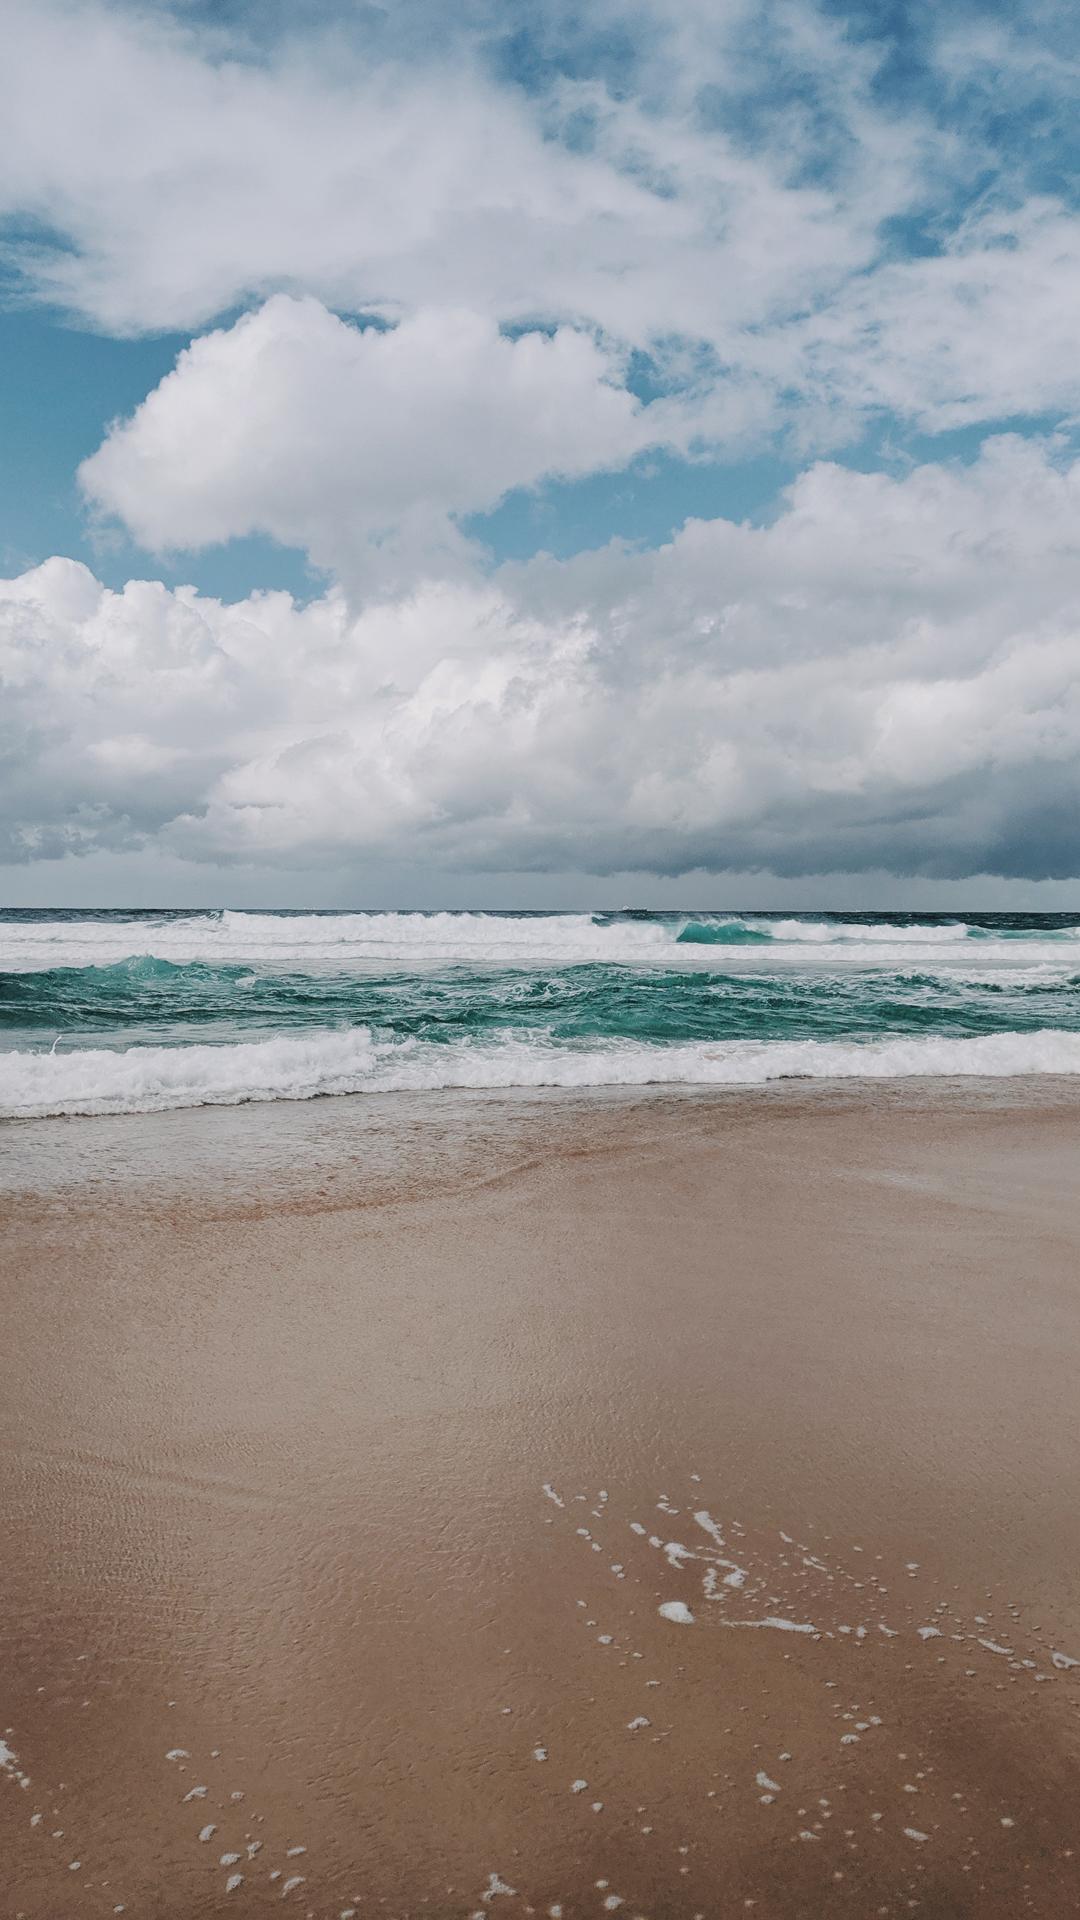 Ocean Wallpaper Backgrounds